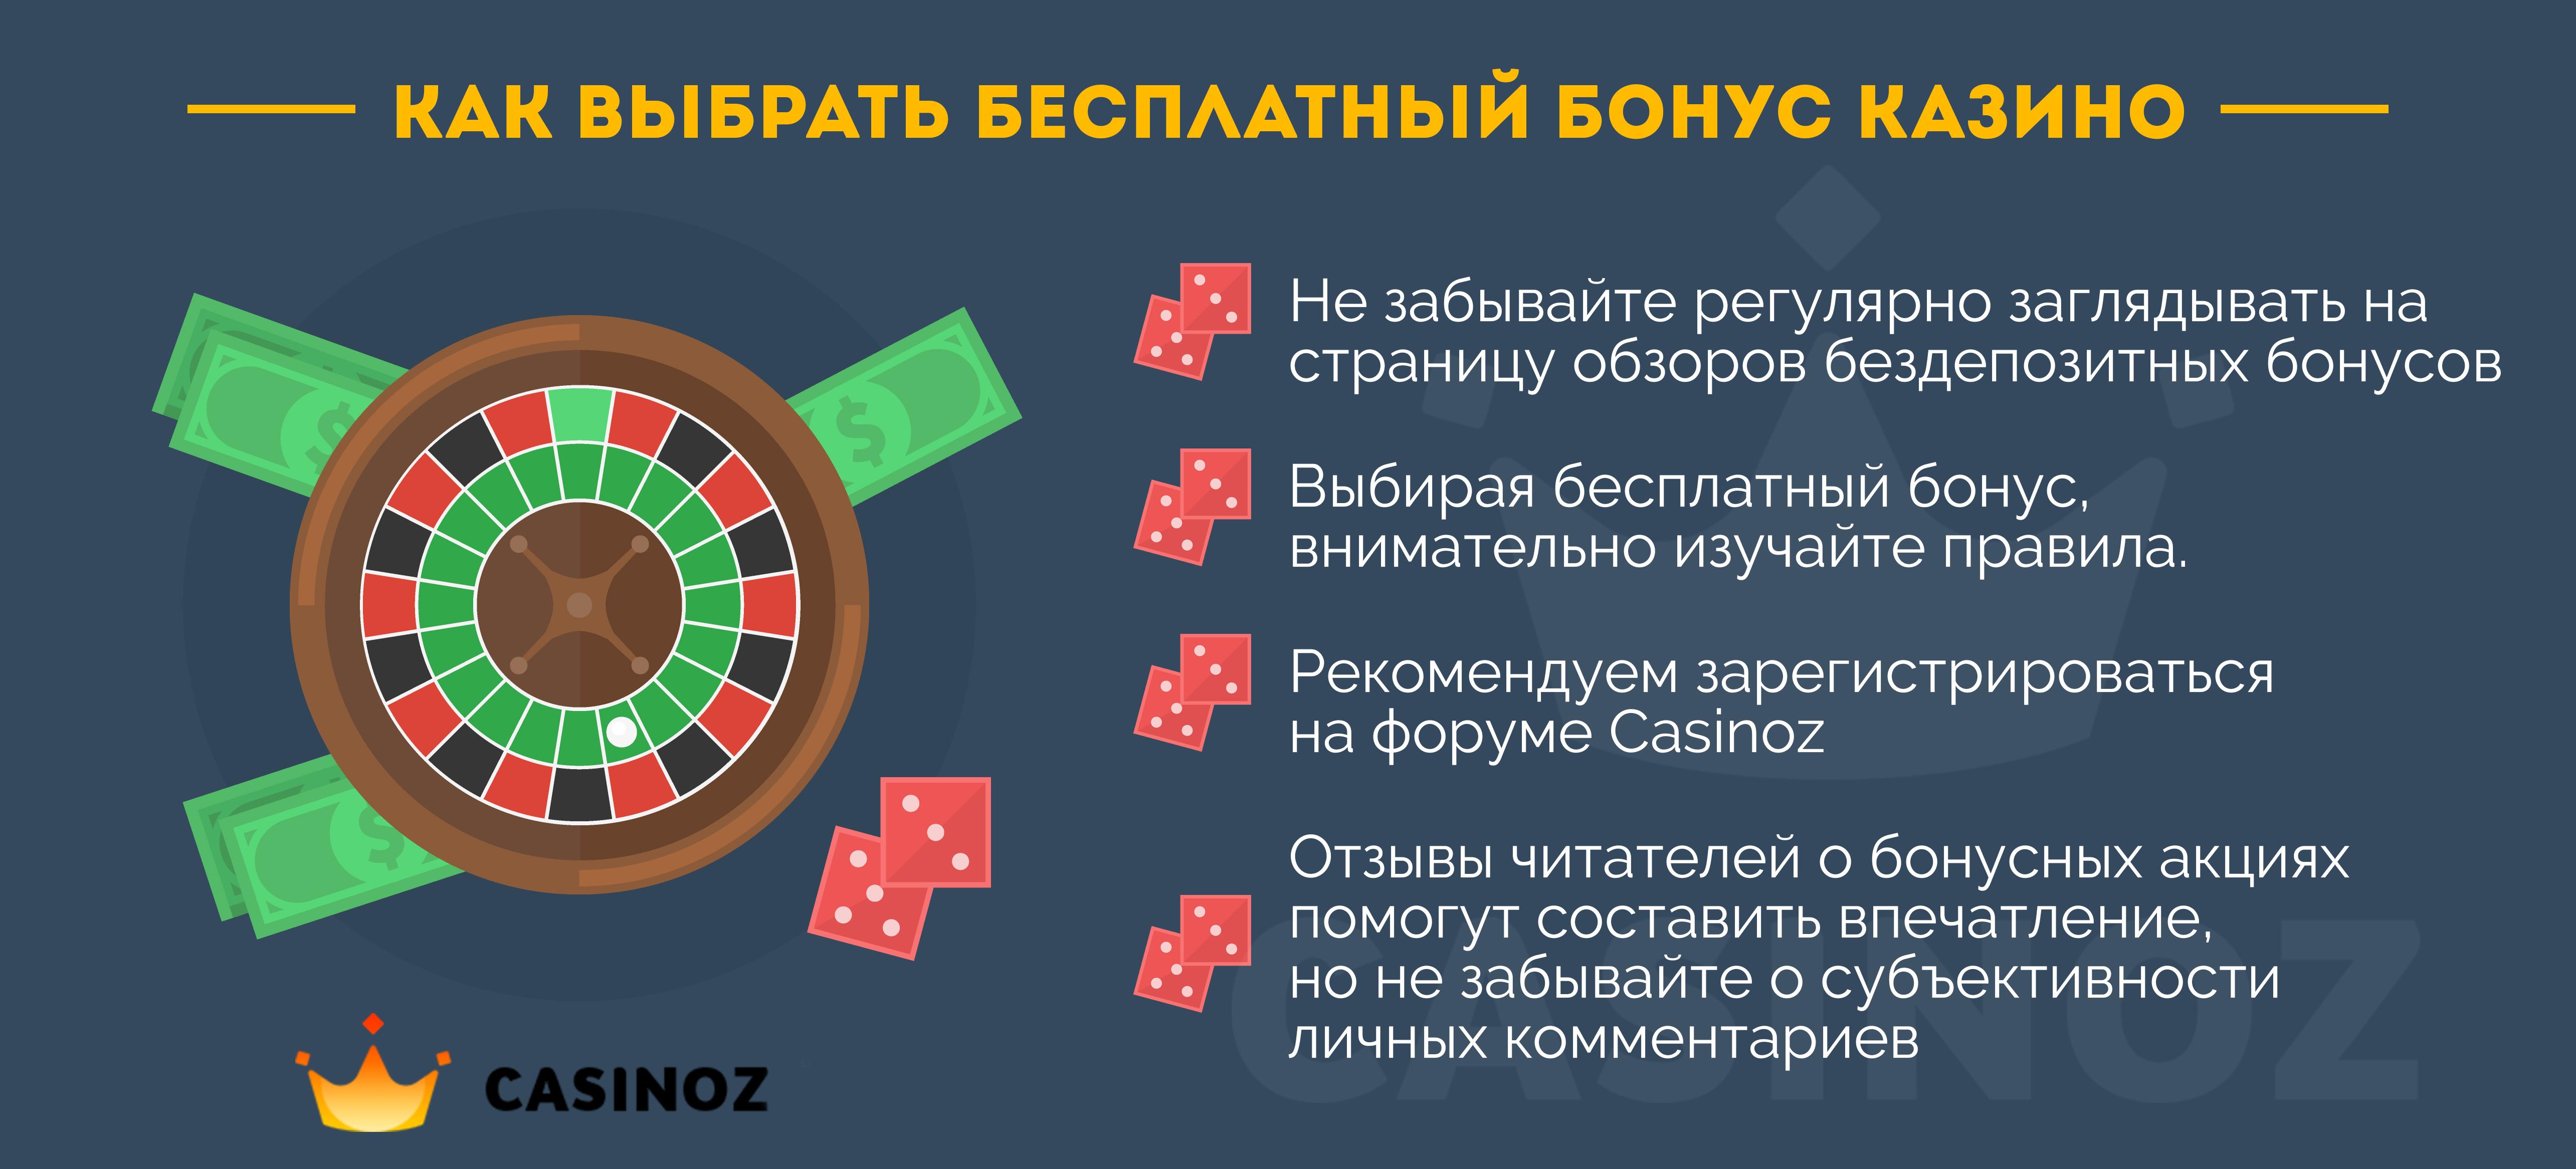 Игровые аппараты таррент демо игры казино вулкан бесплатно